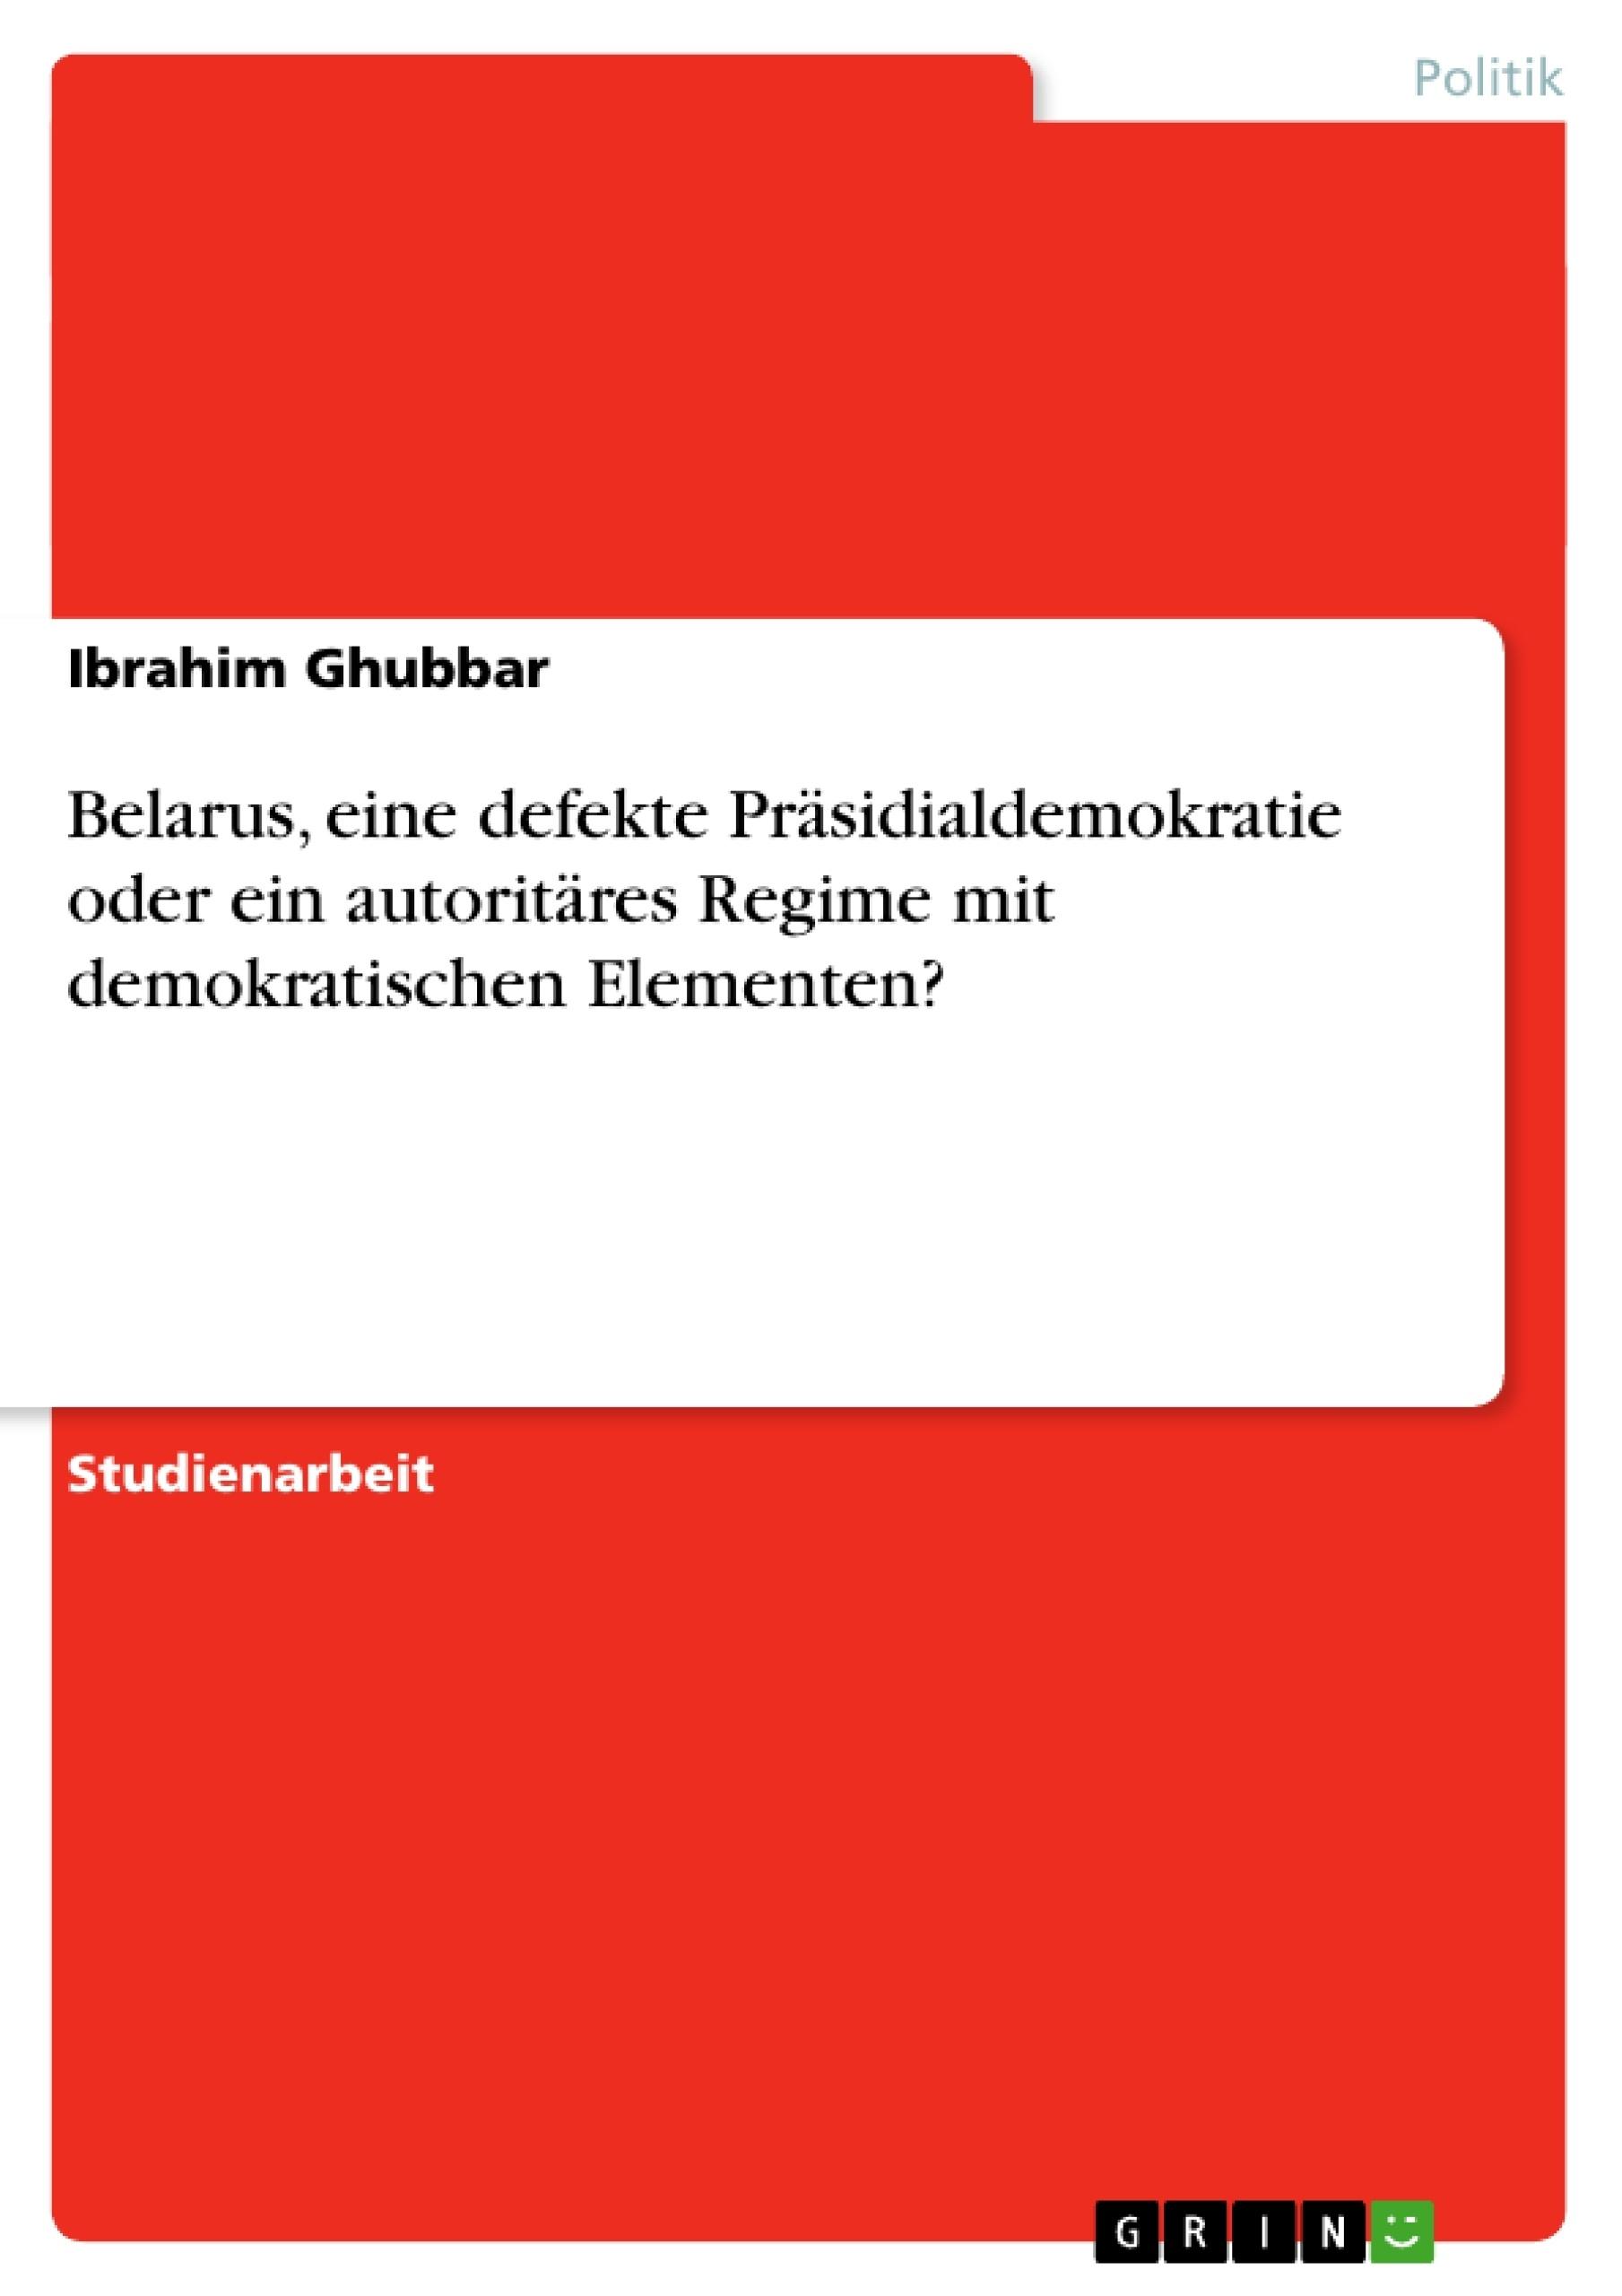 Titel: Belarus,  eine defekte Präsidialdemokratie oder ein autoritäres Regime mit demokratischen Elementen?